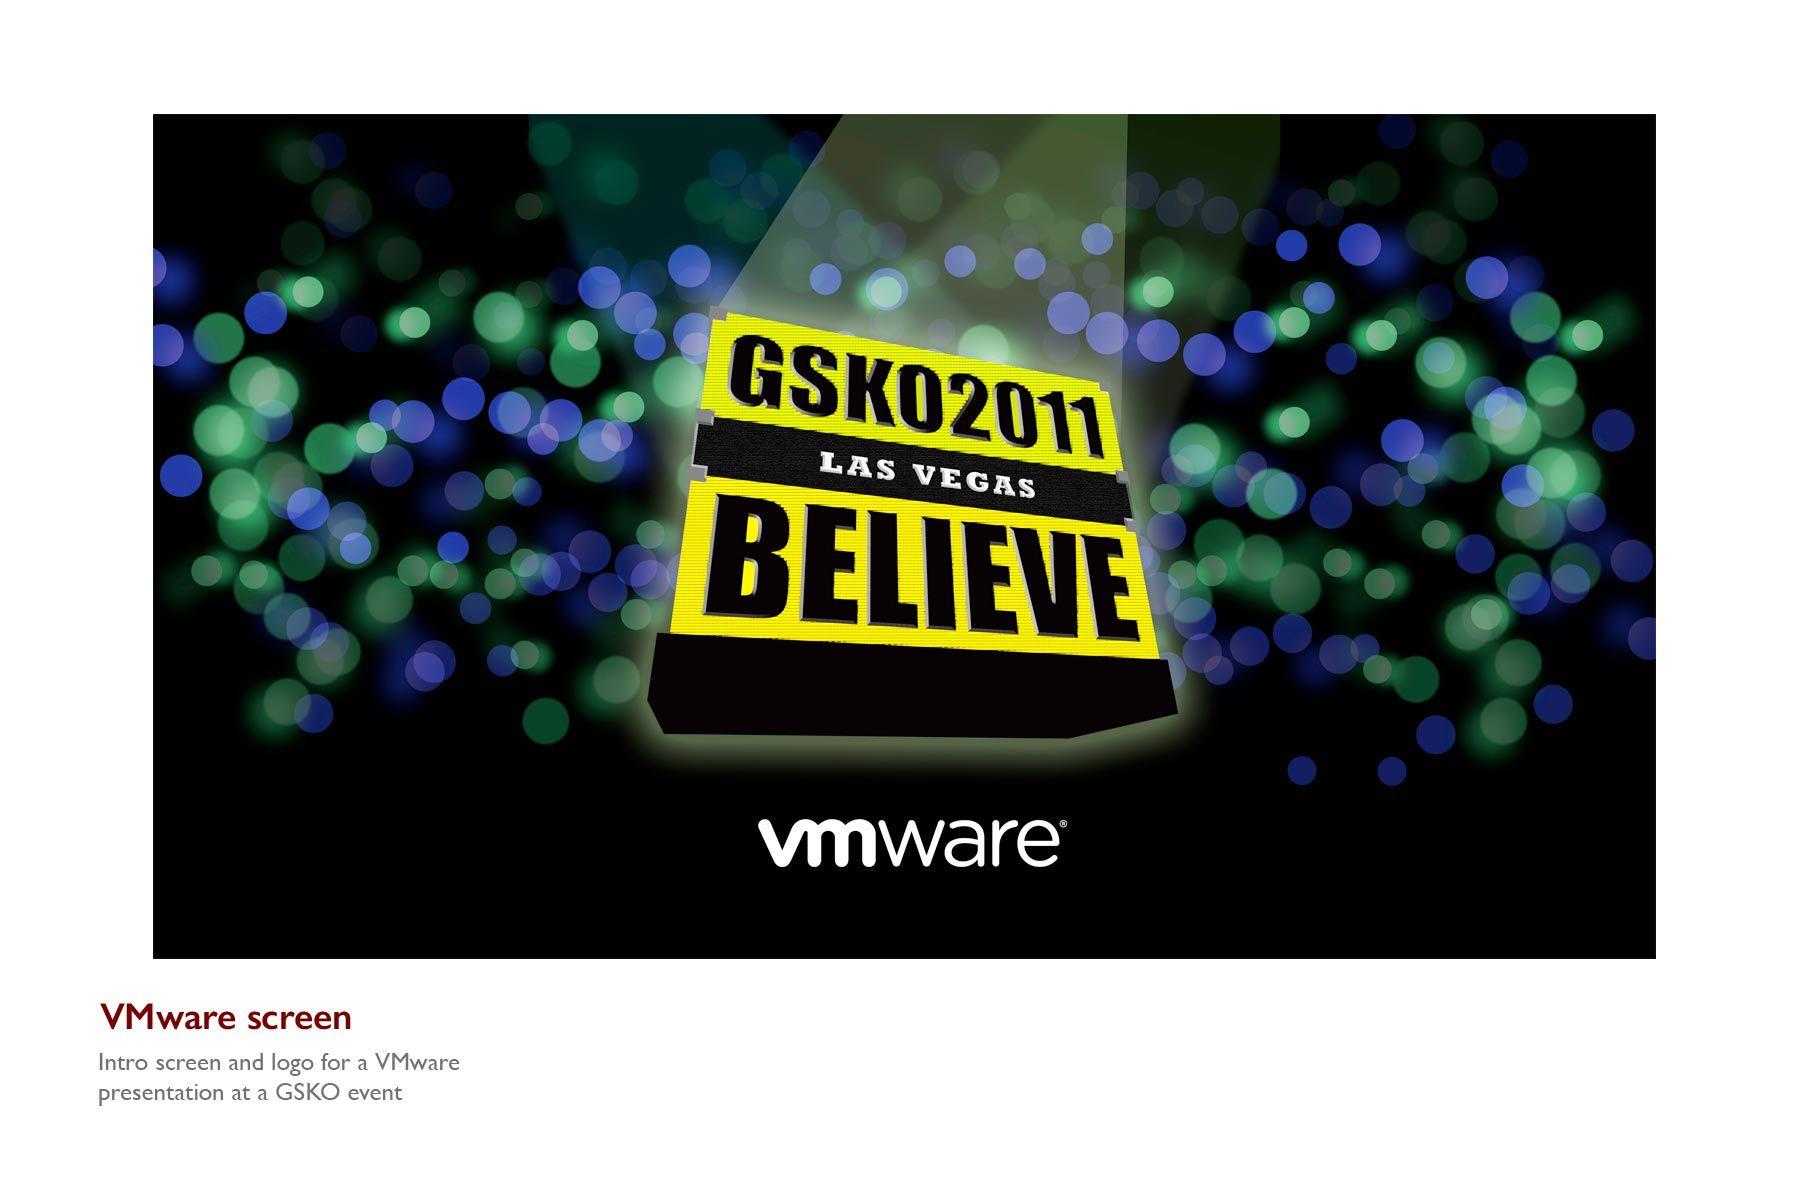 VMware Event Screen